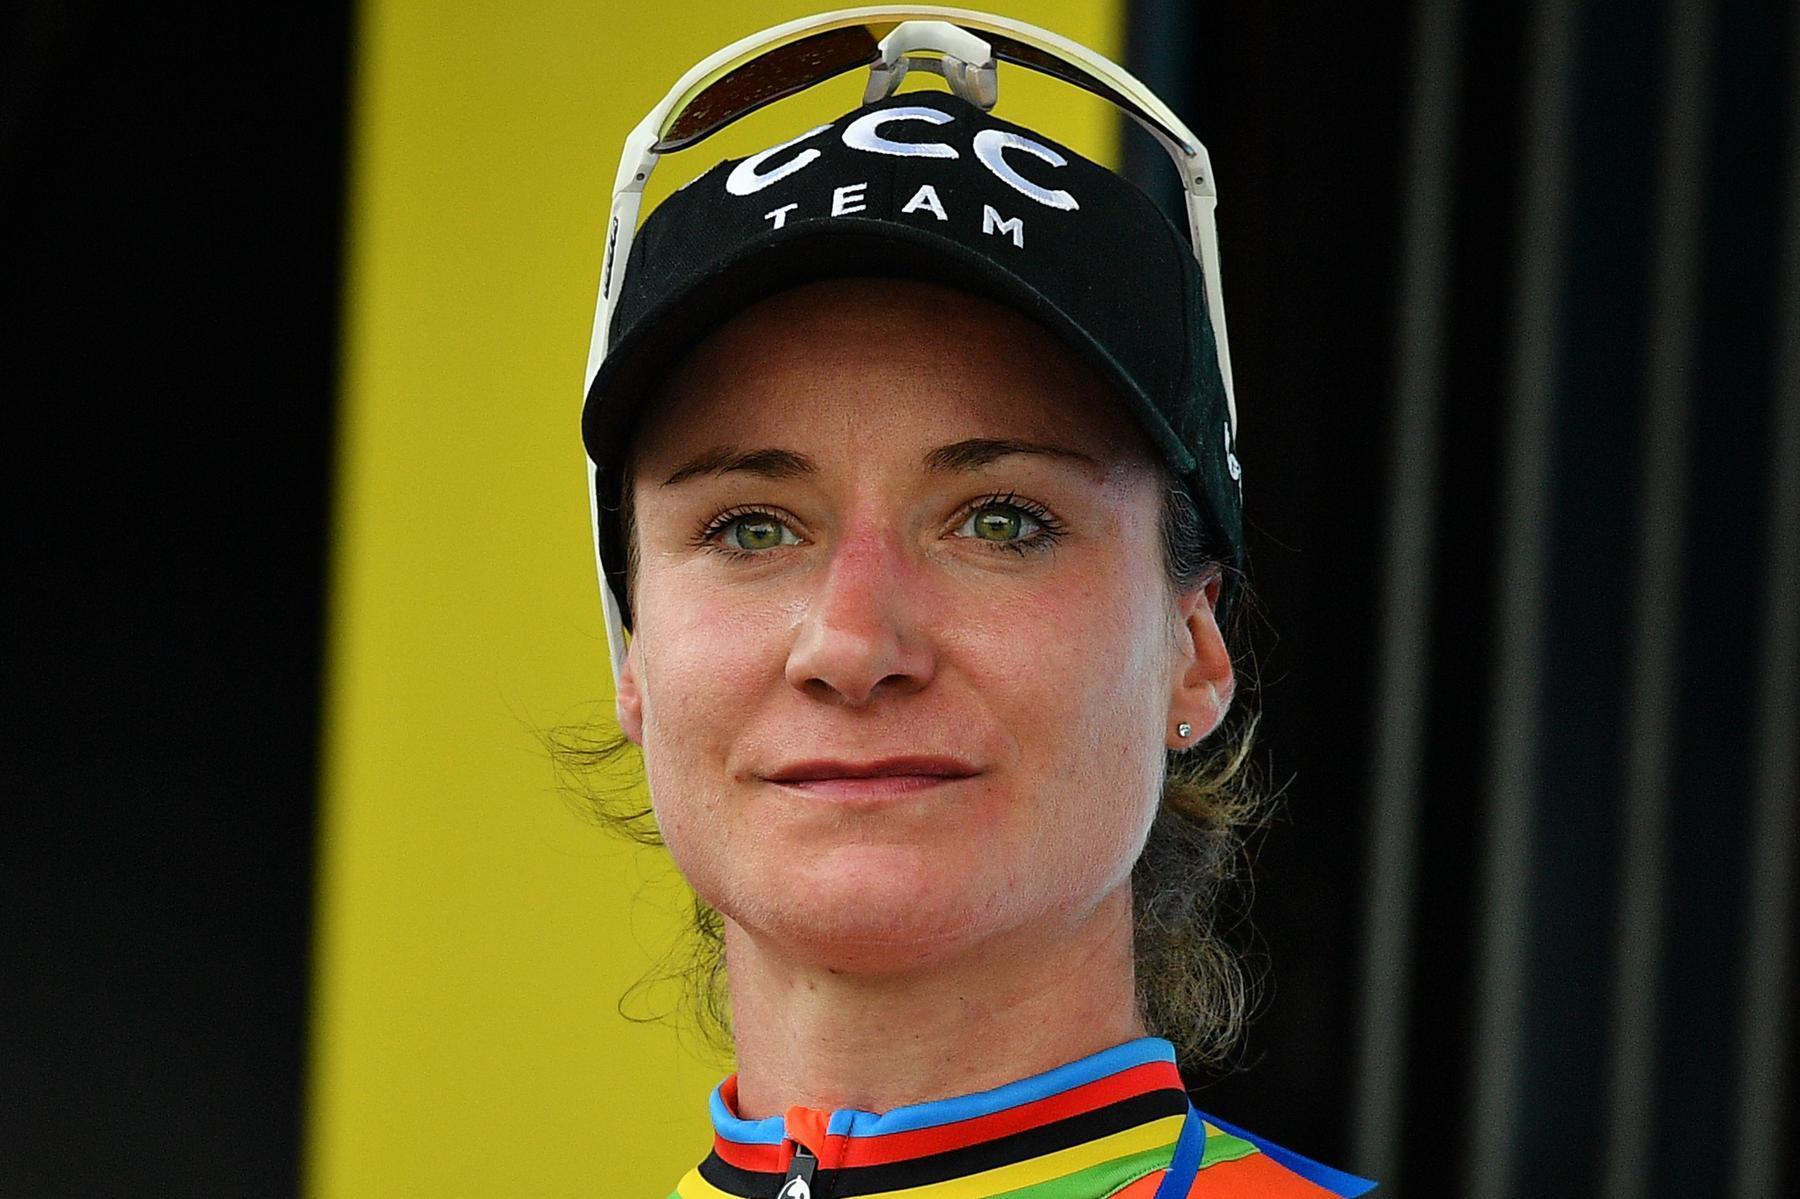 Marianne Vos: